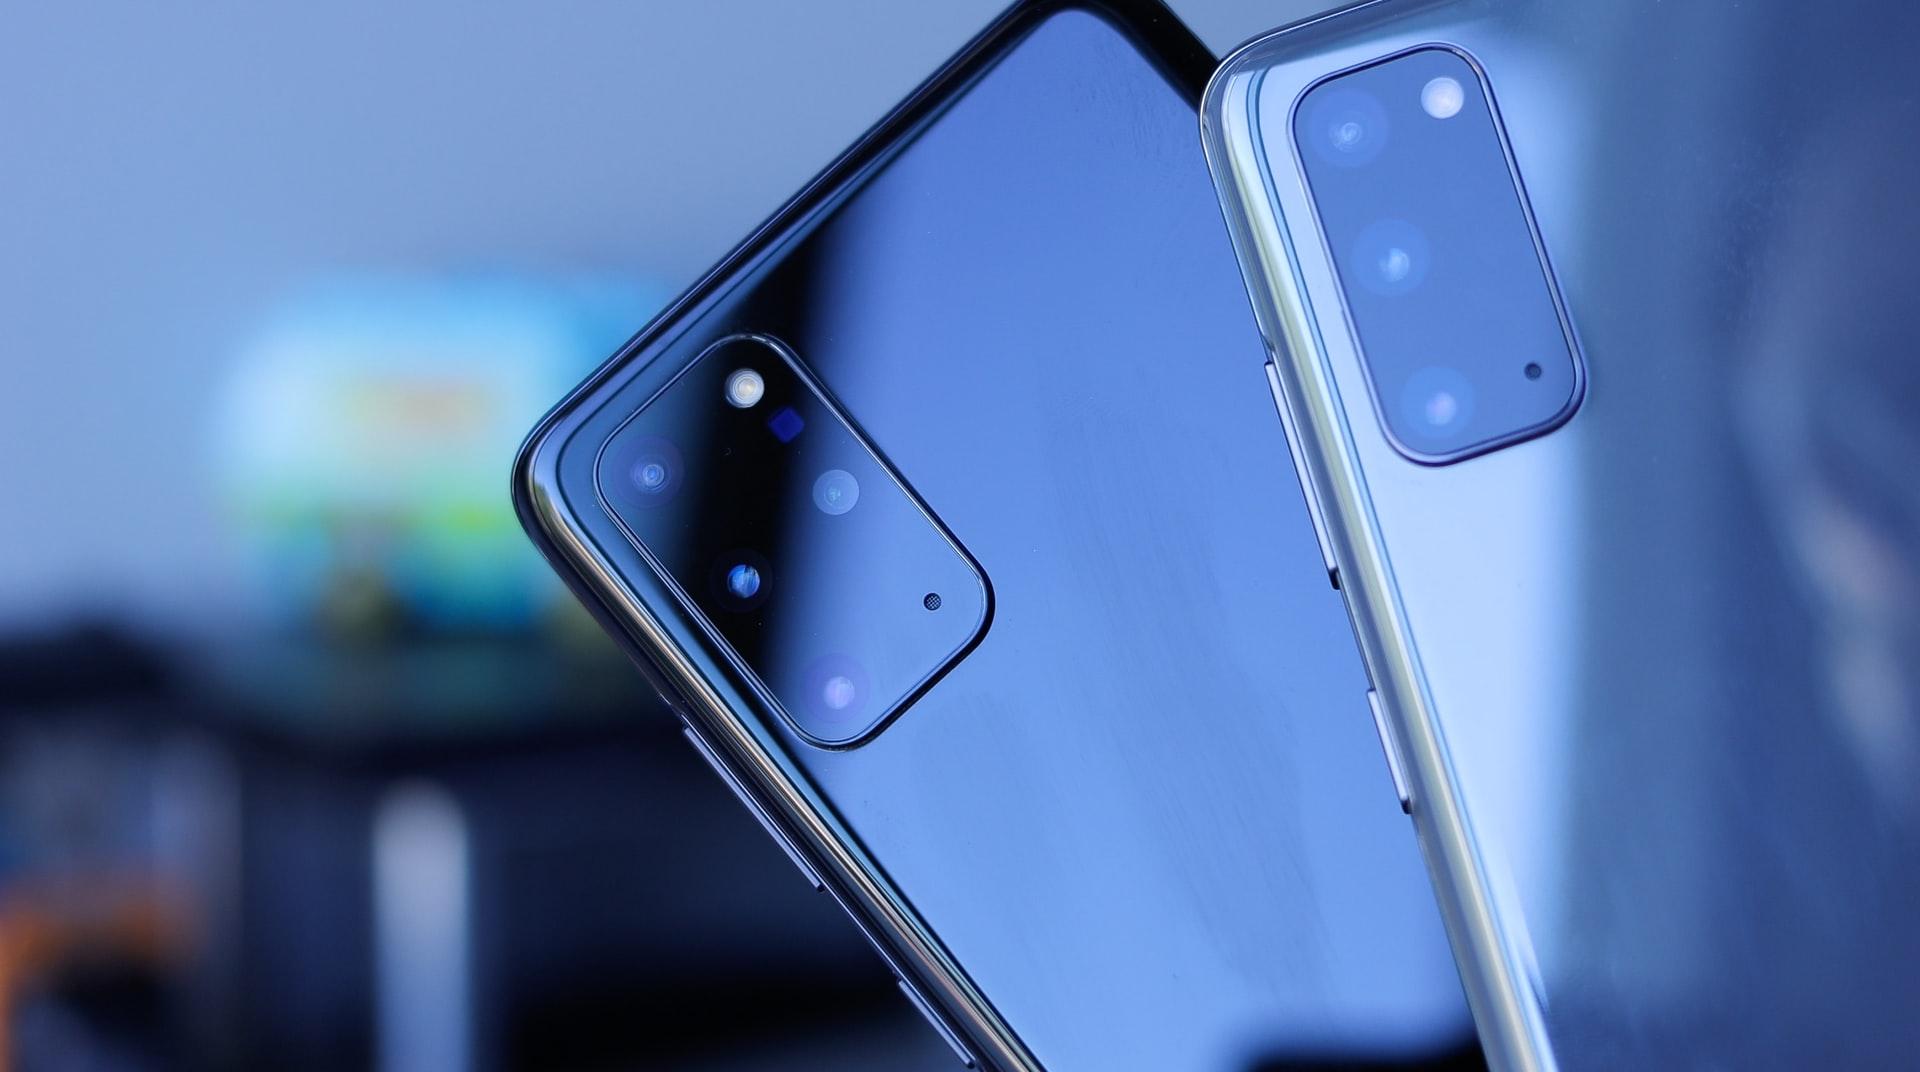 Le Galaxy S20, en deux couleurs